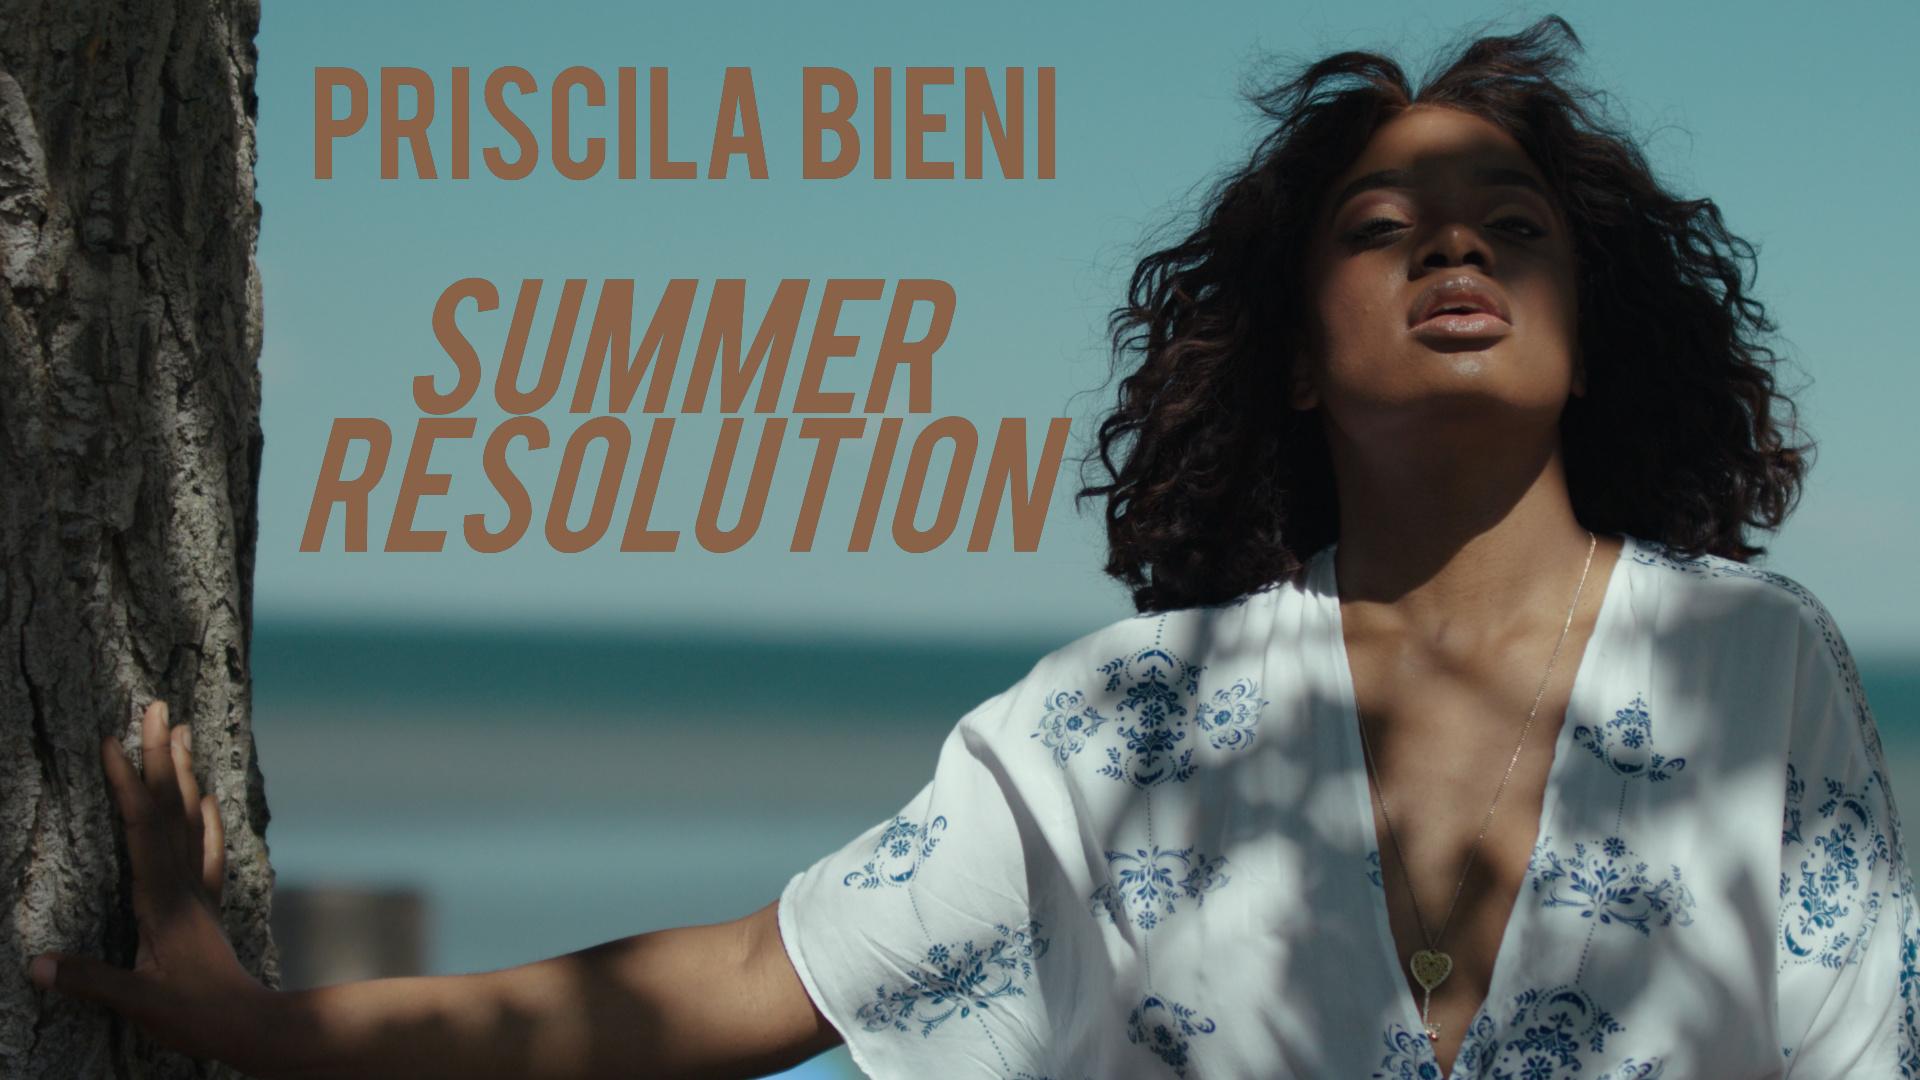 summer resolutiontitlecard.jpg